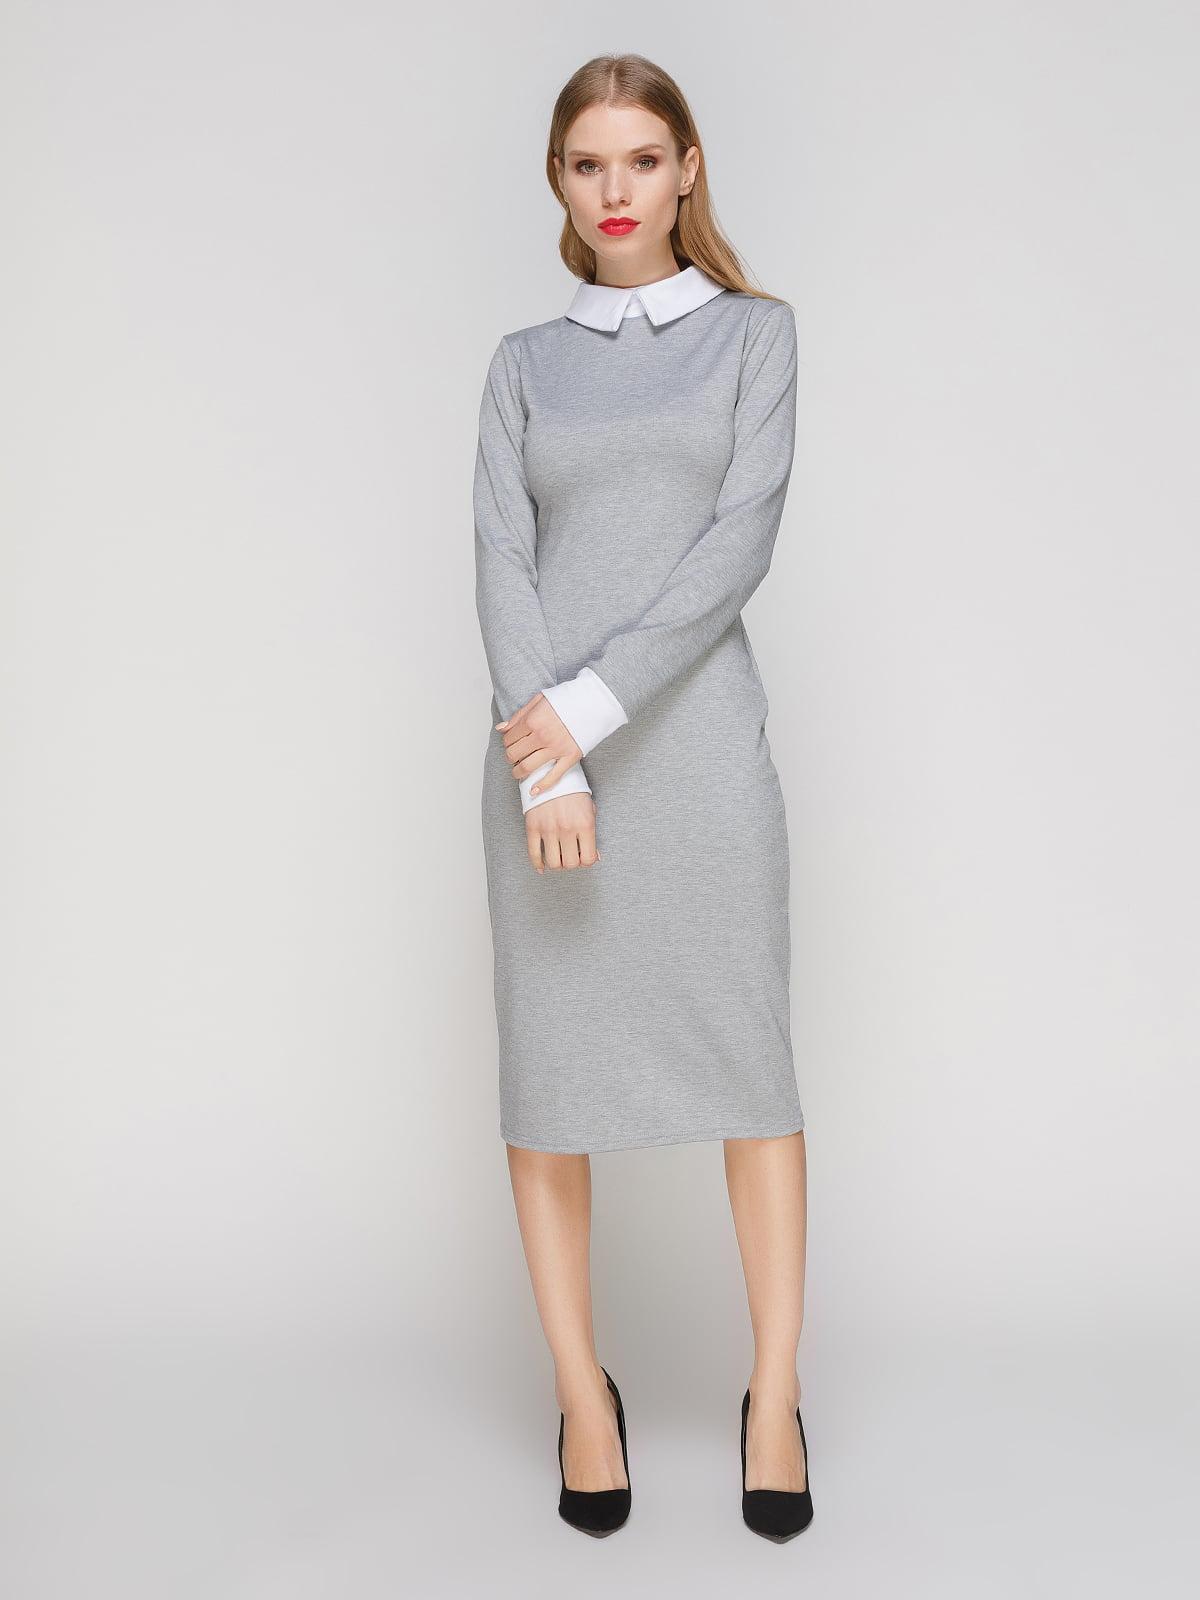 Сукня сіра з білим коміром і манжетами | 2994711